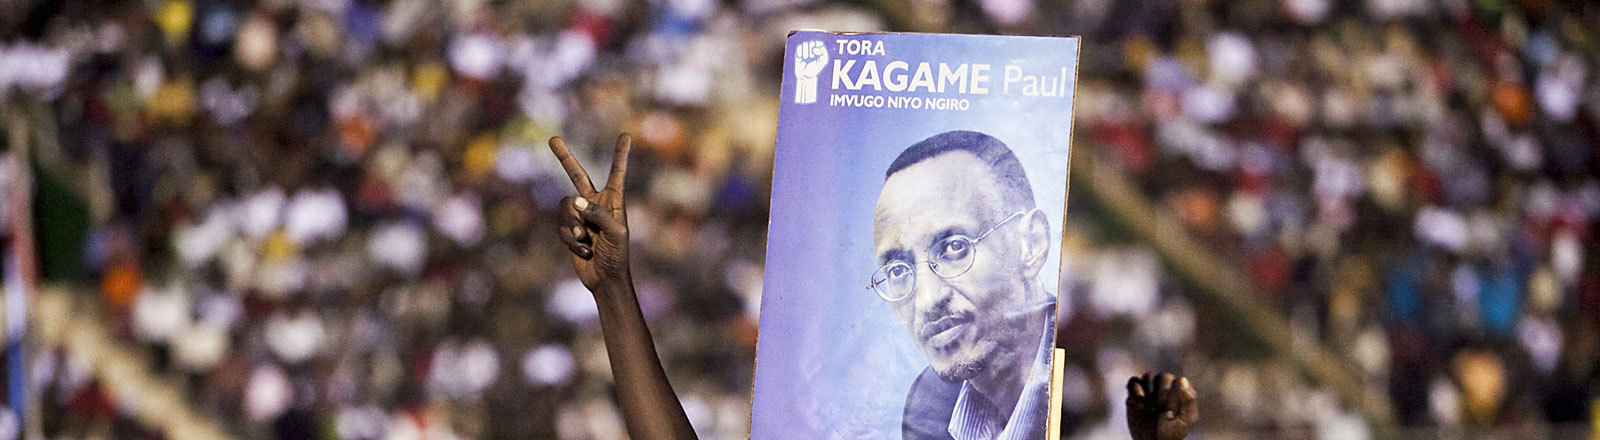 Anhänger des ruandischen Präsidenten Paul Kagame